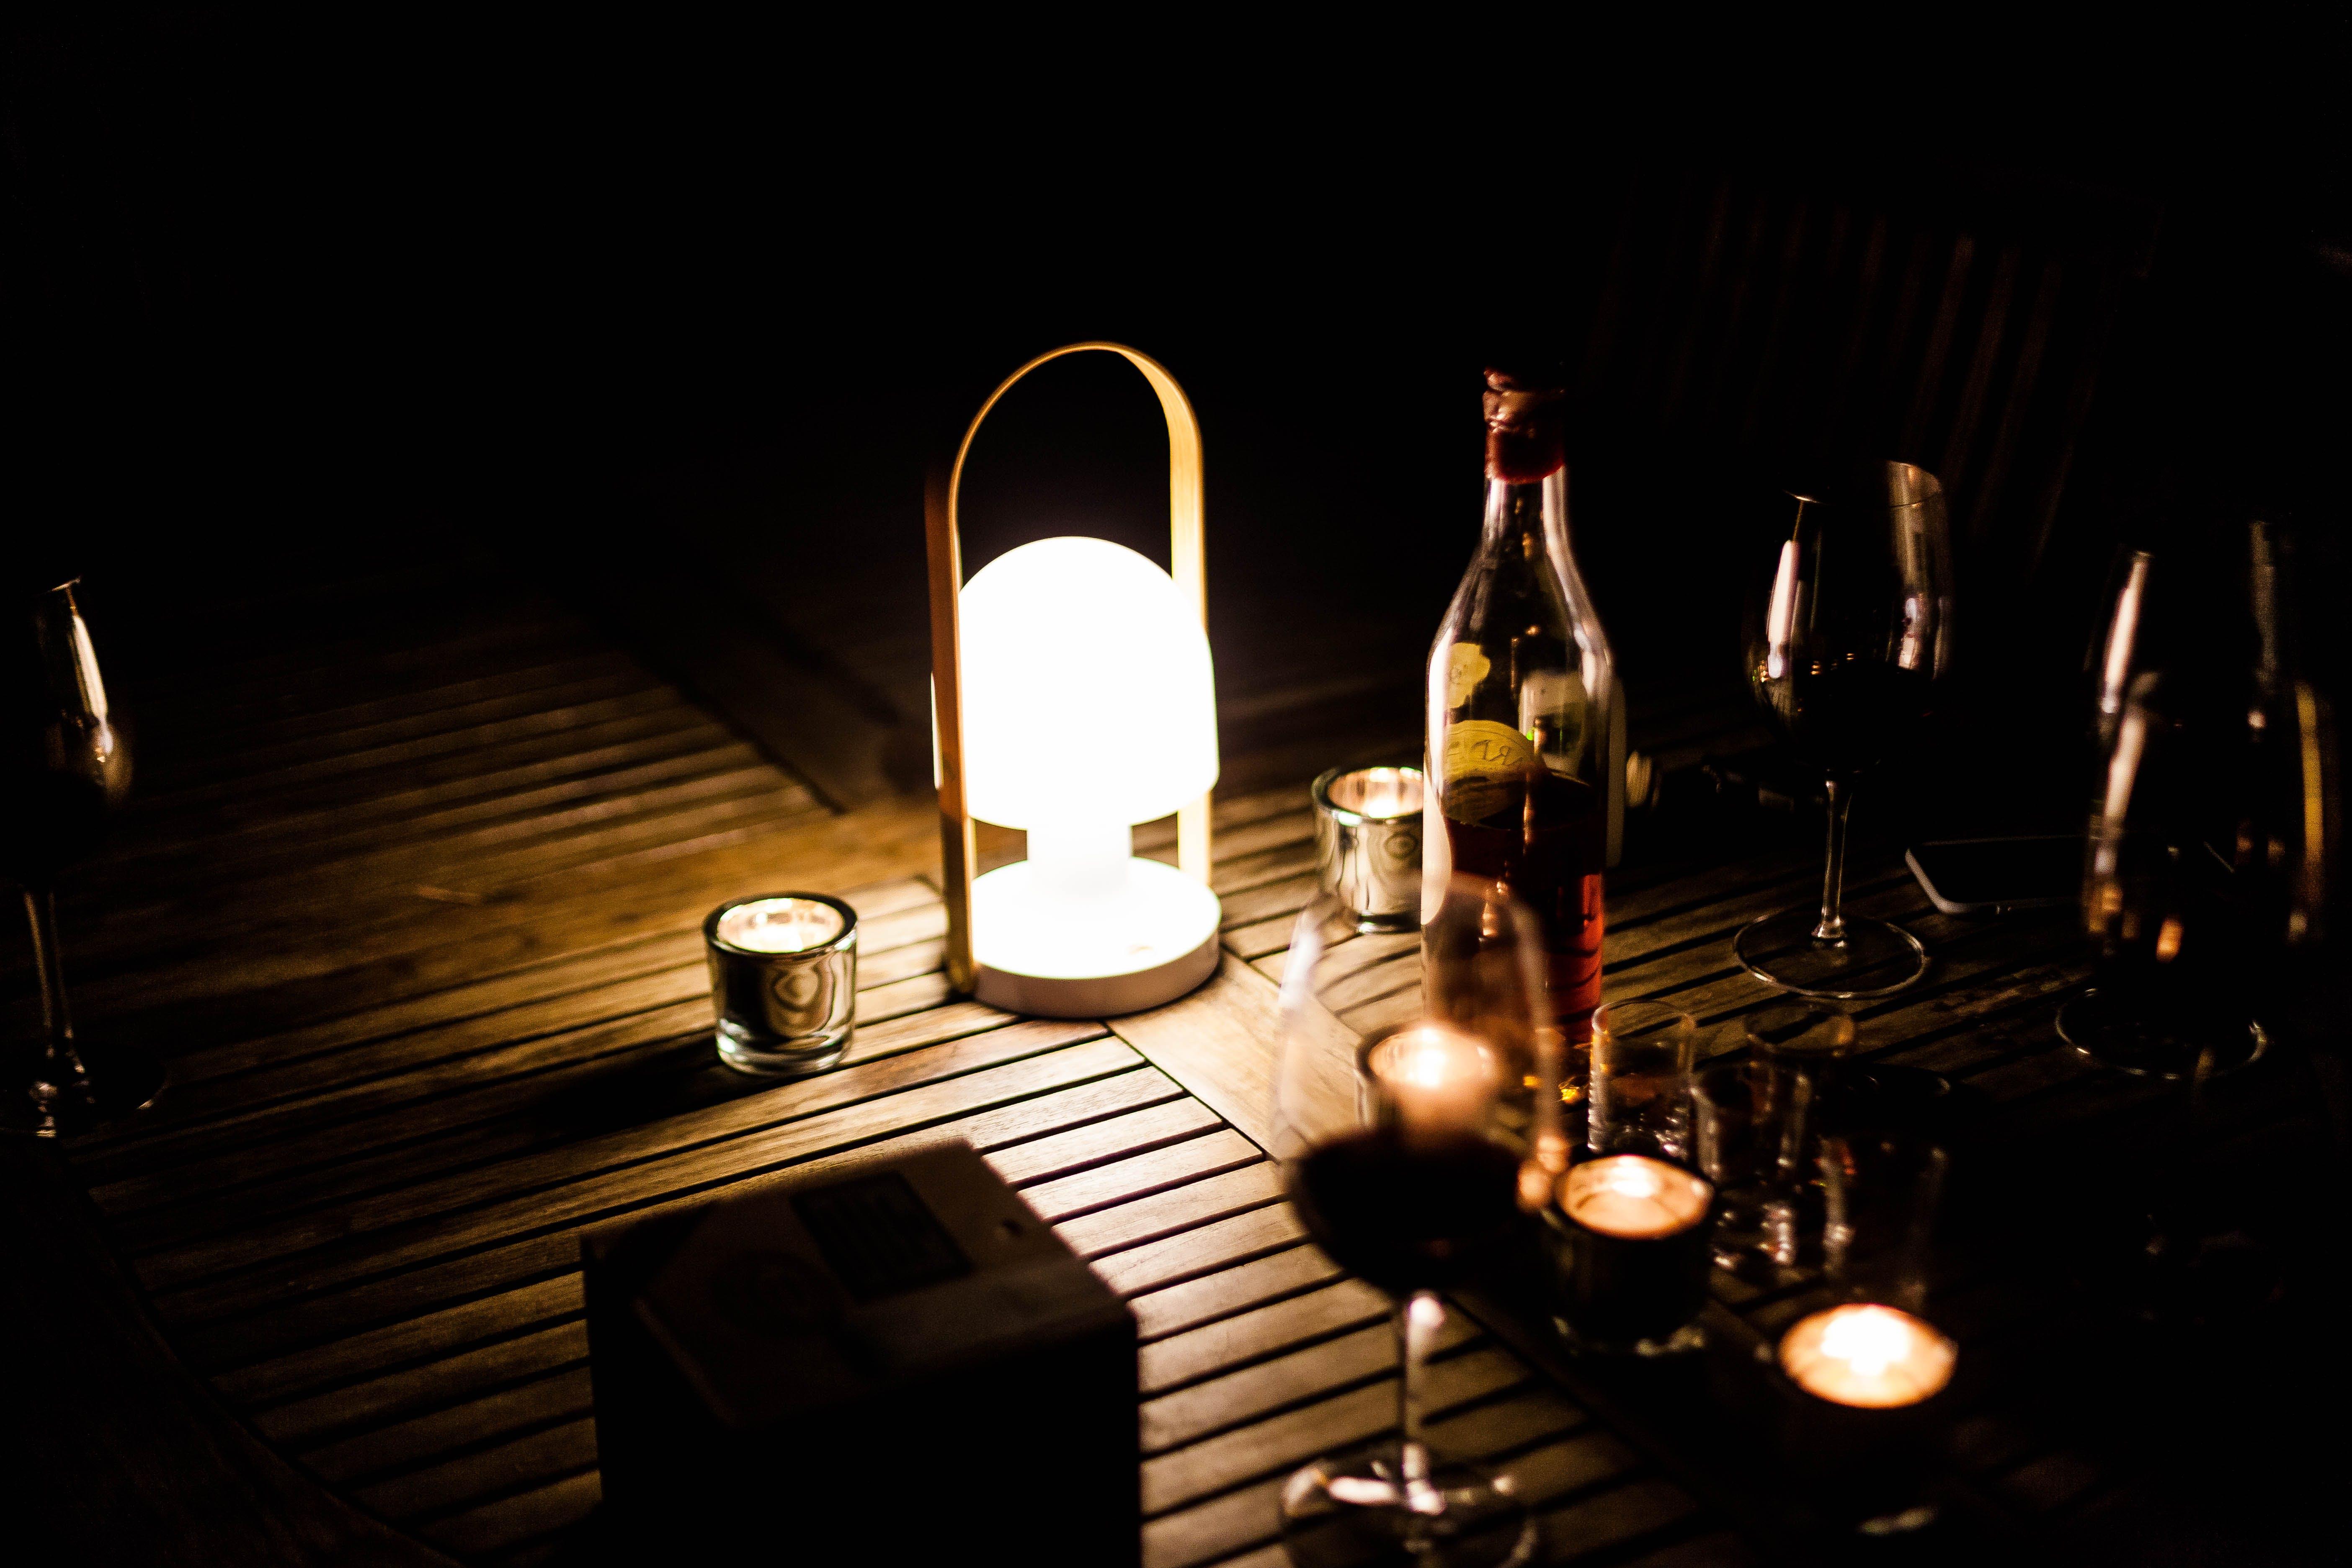 Turned on White Lamp Beside Wine Bottle